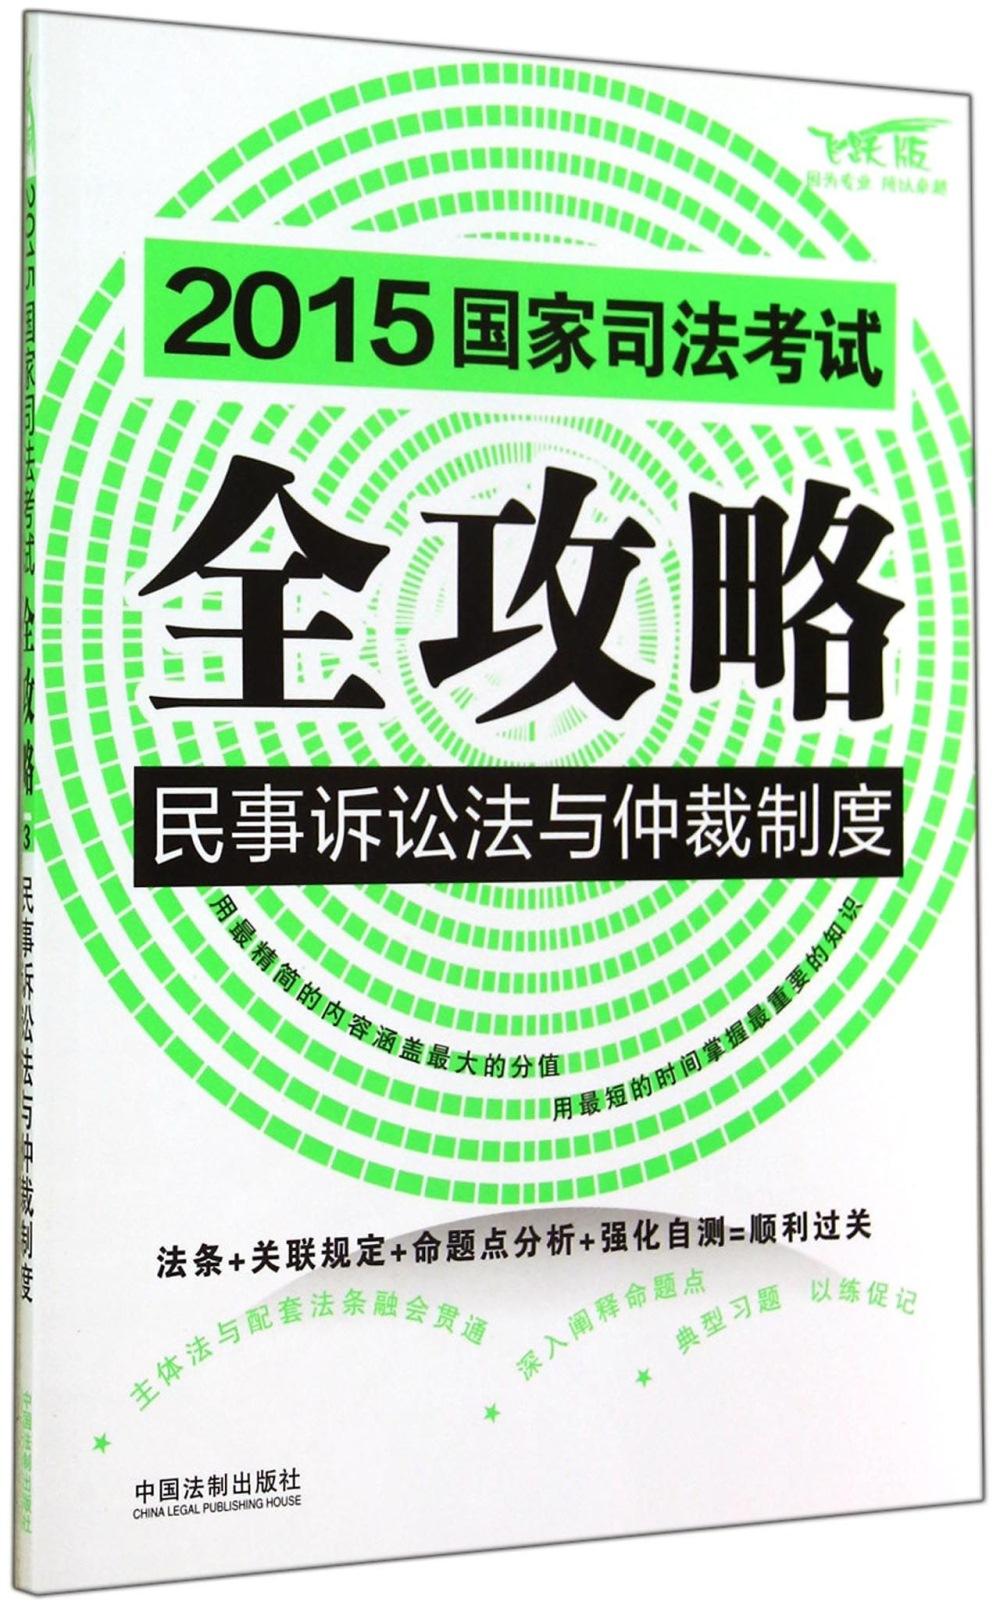 2015國家司法考試全攻略:民事訴訟法與仲裁制度